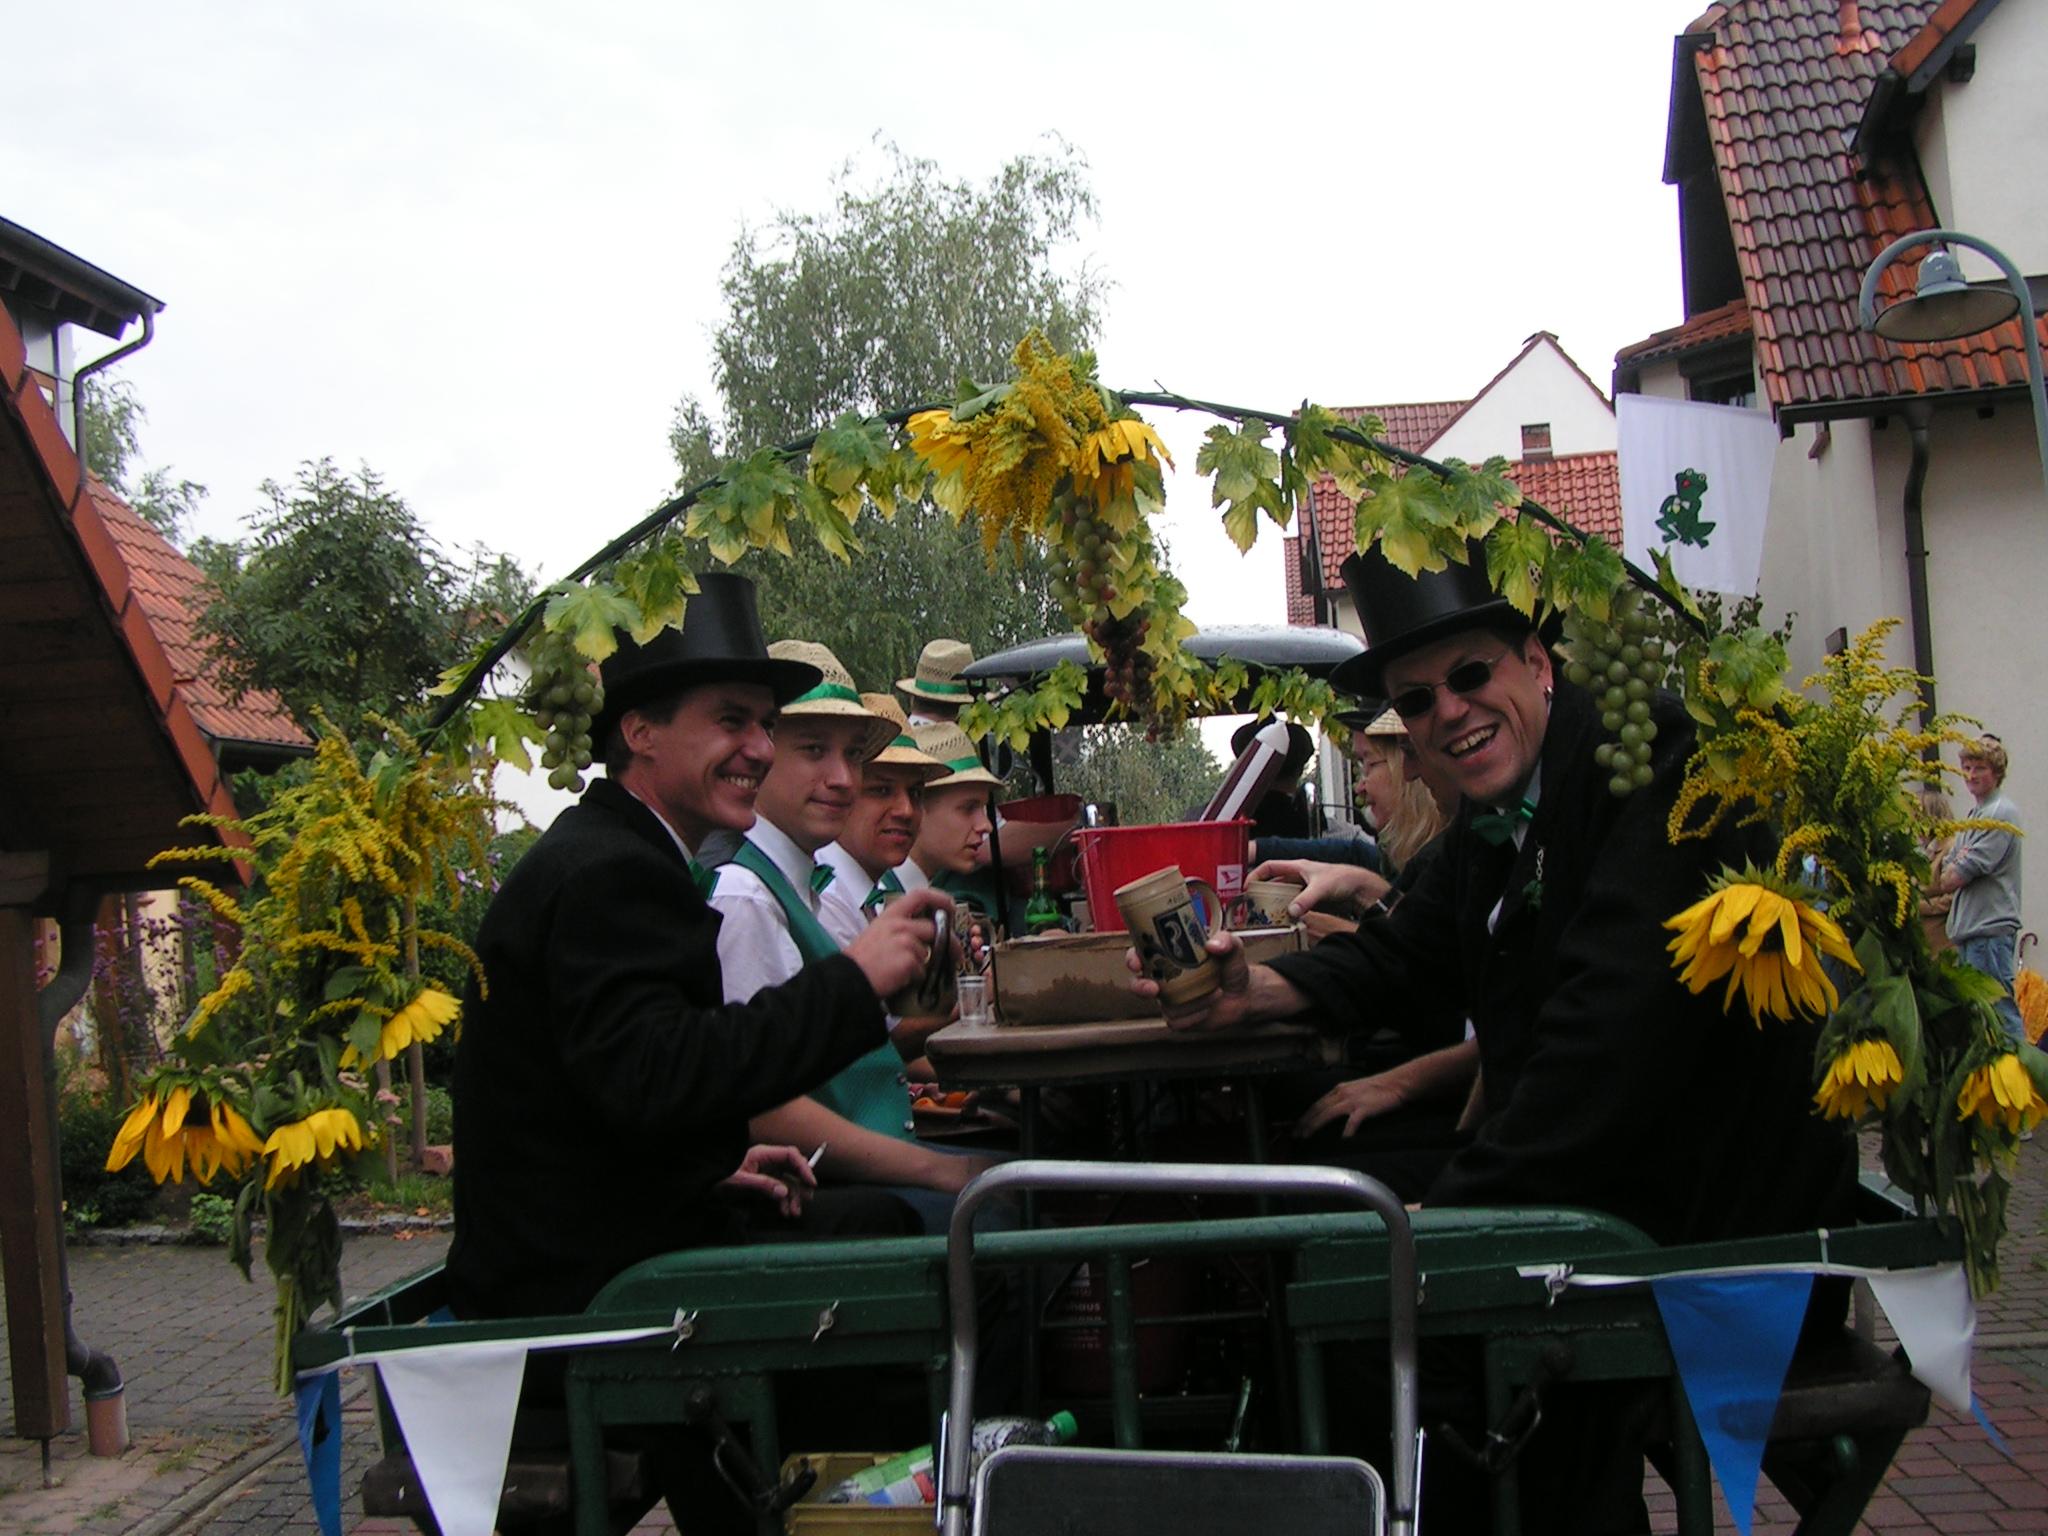 Matthias Kristek & Patrick Mörmann